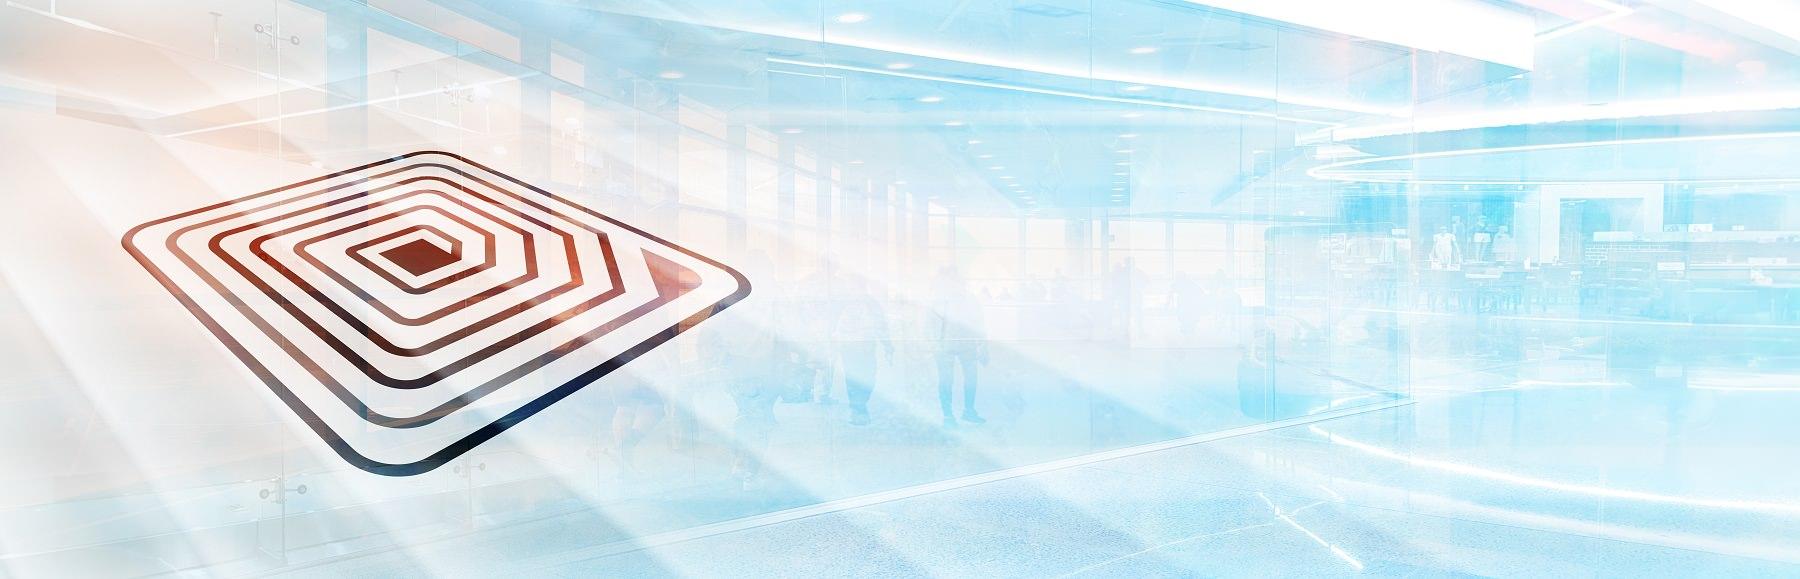 Géolocalisation par RFID : des solutions pour l'industrie